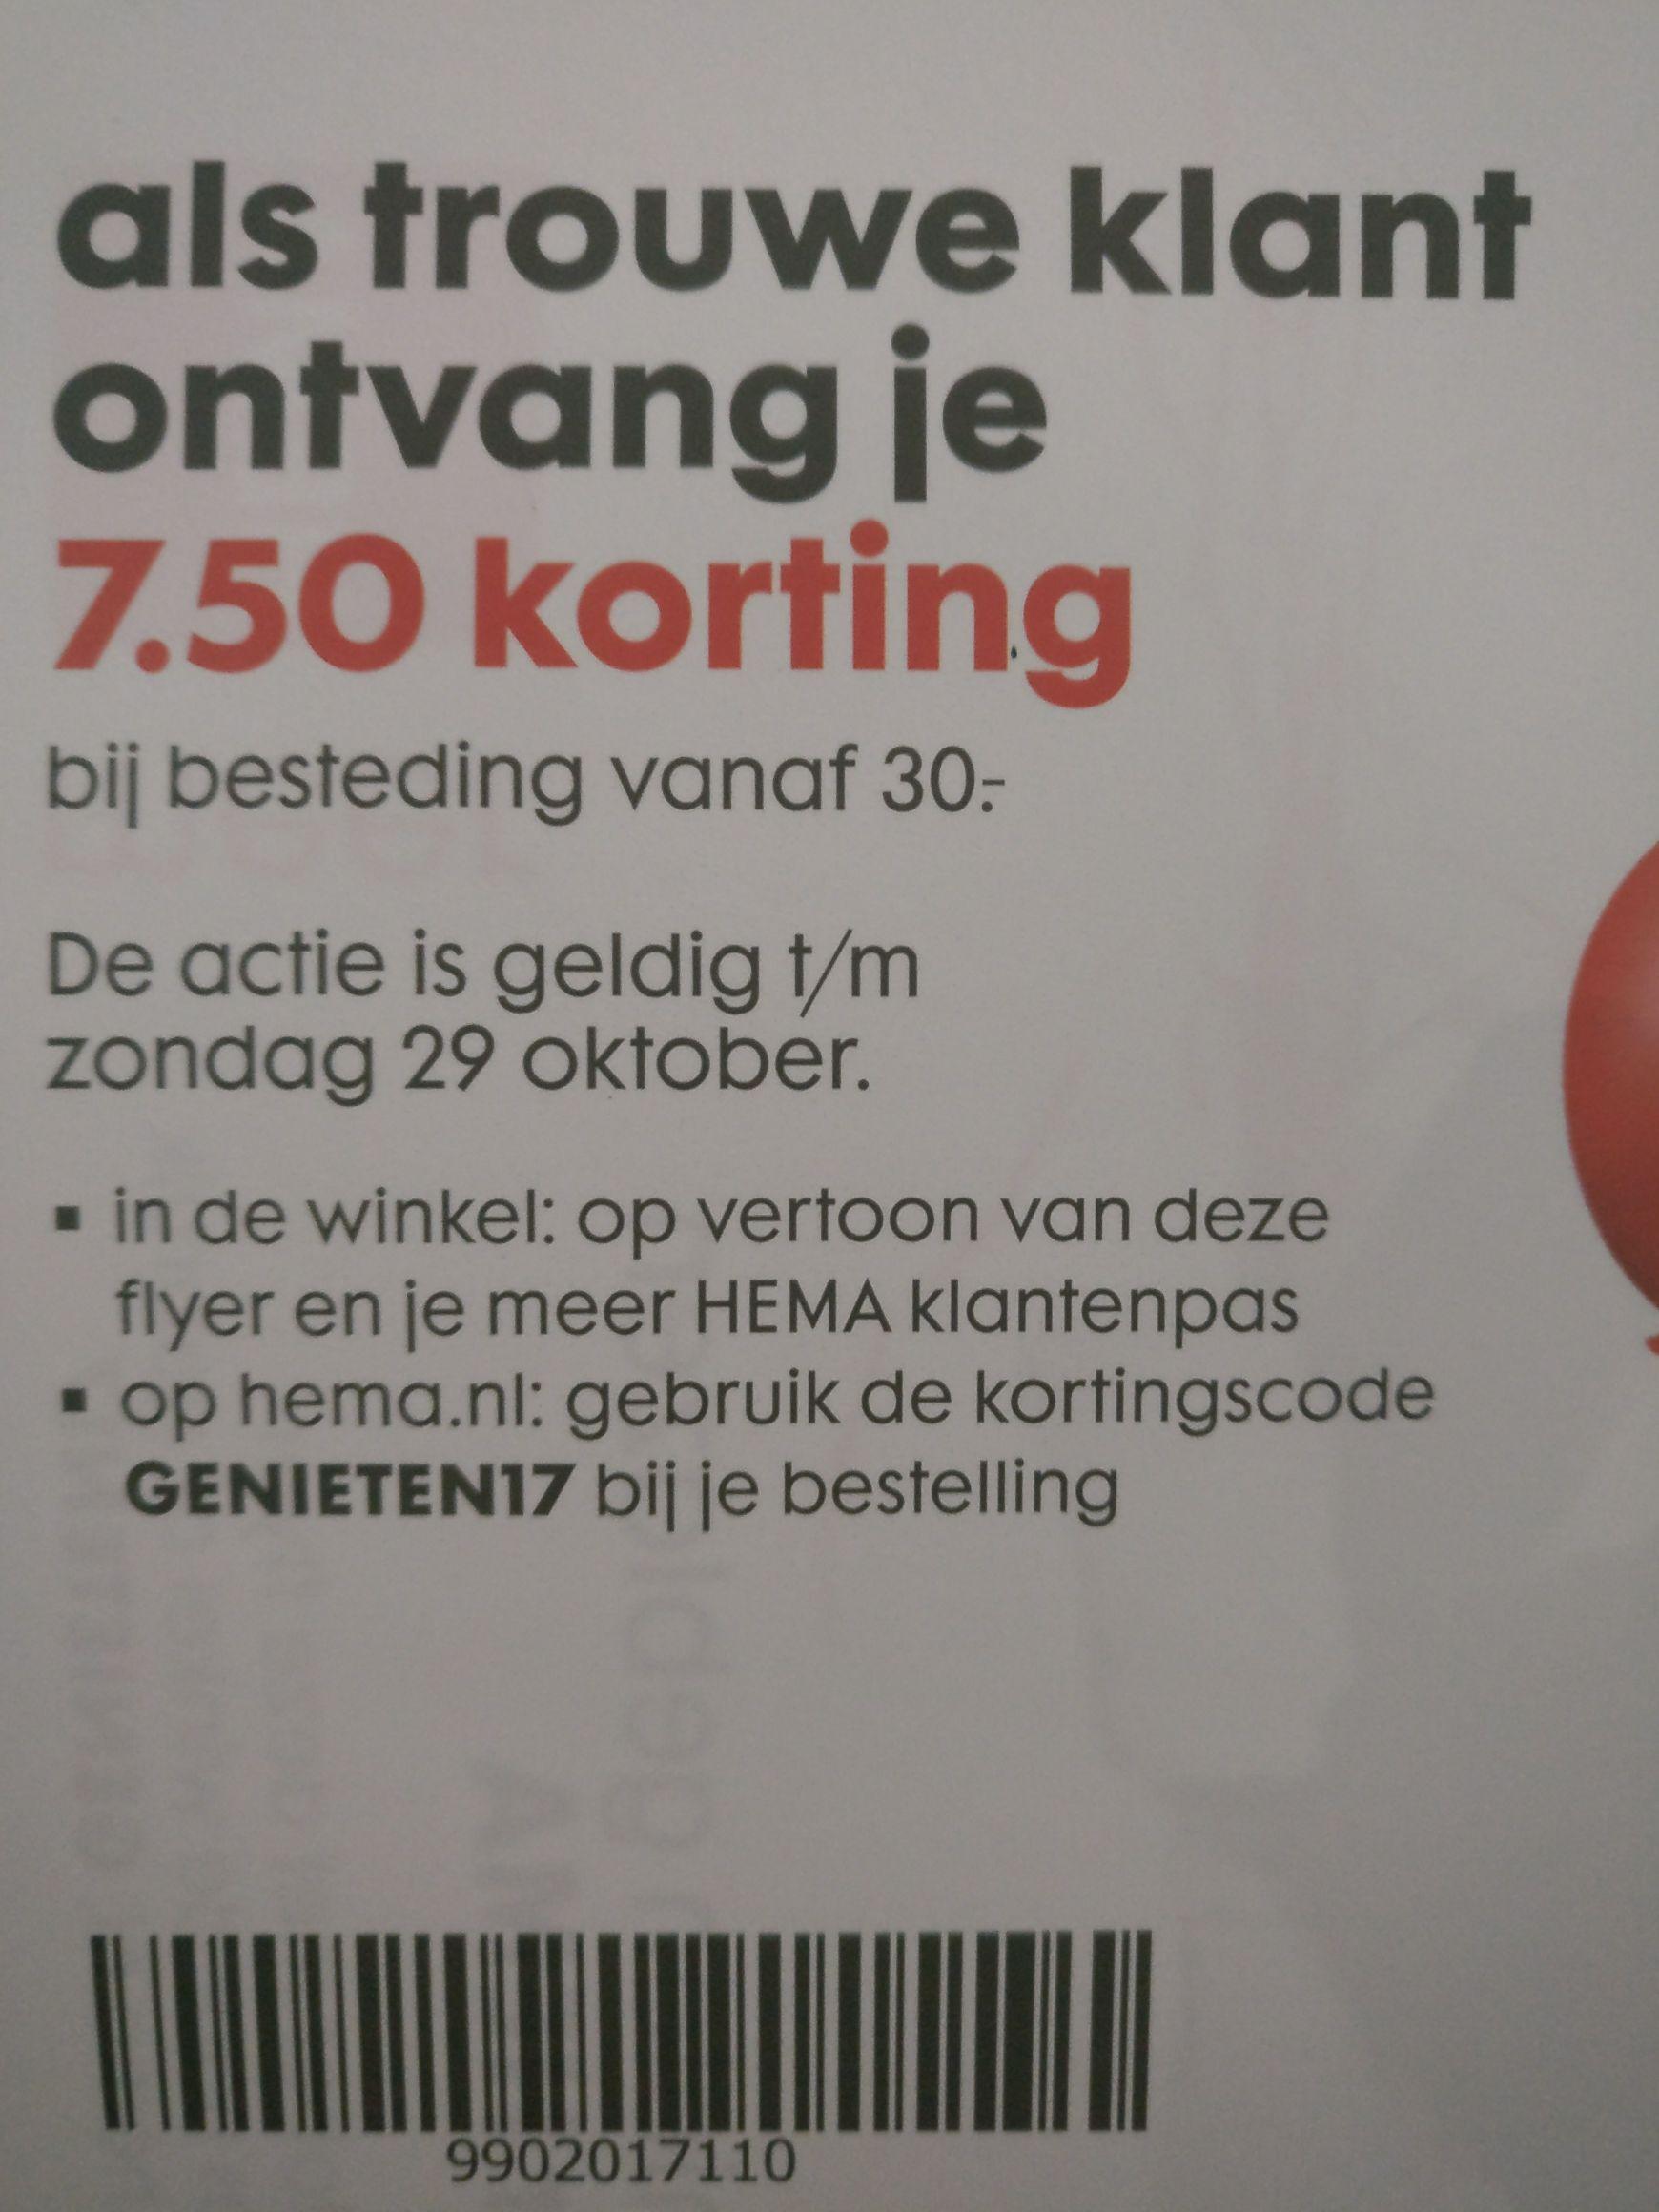 7.50 korting bij Hema.nl